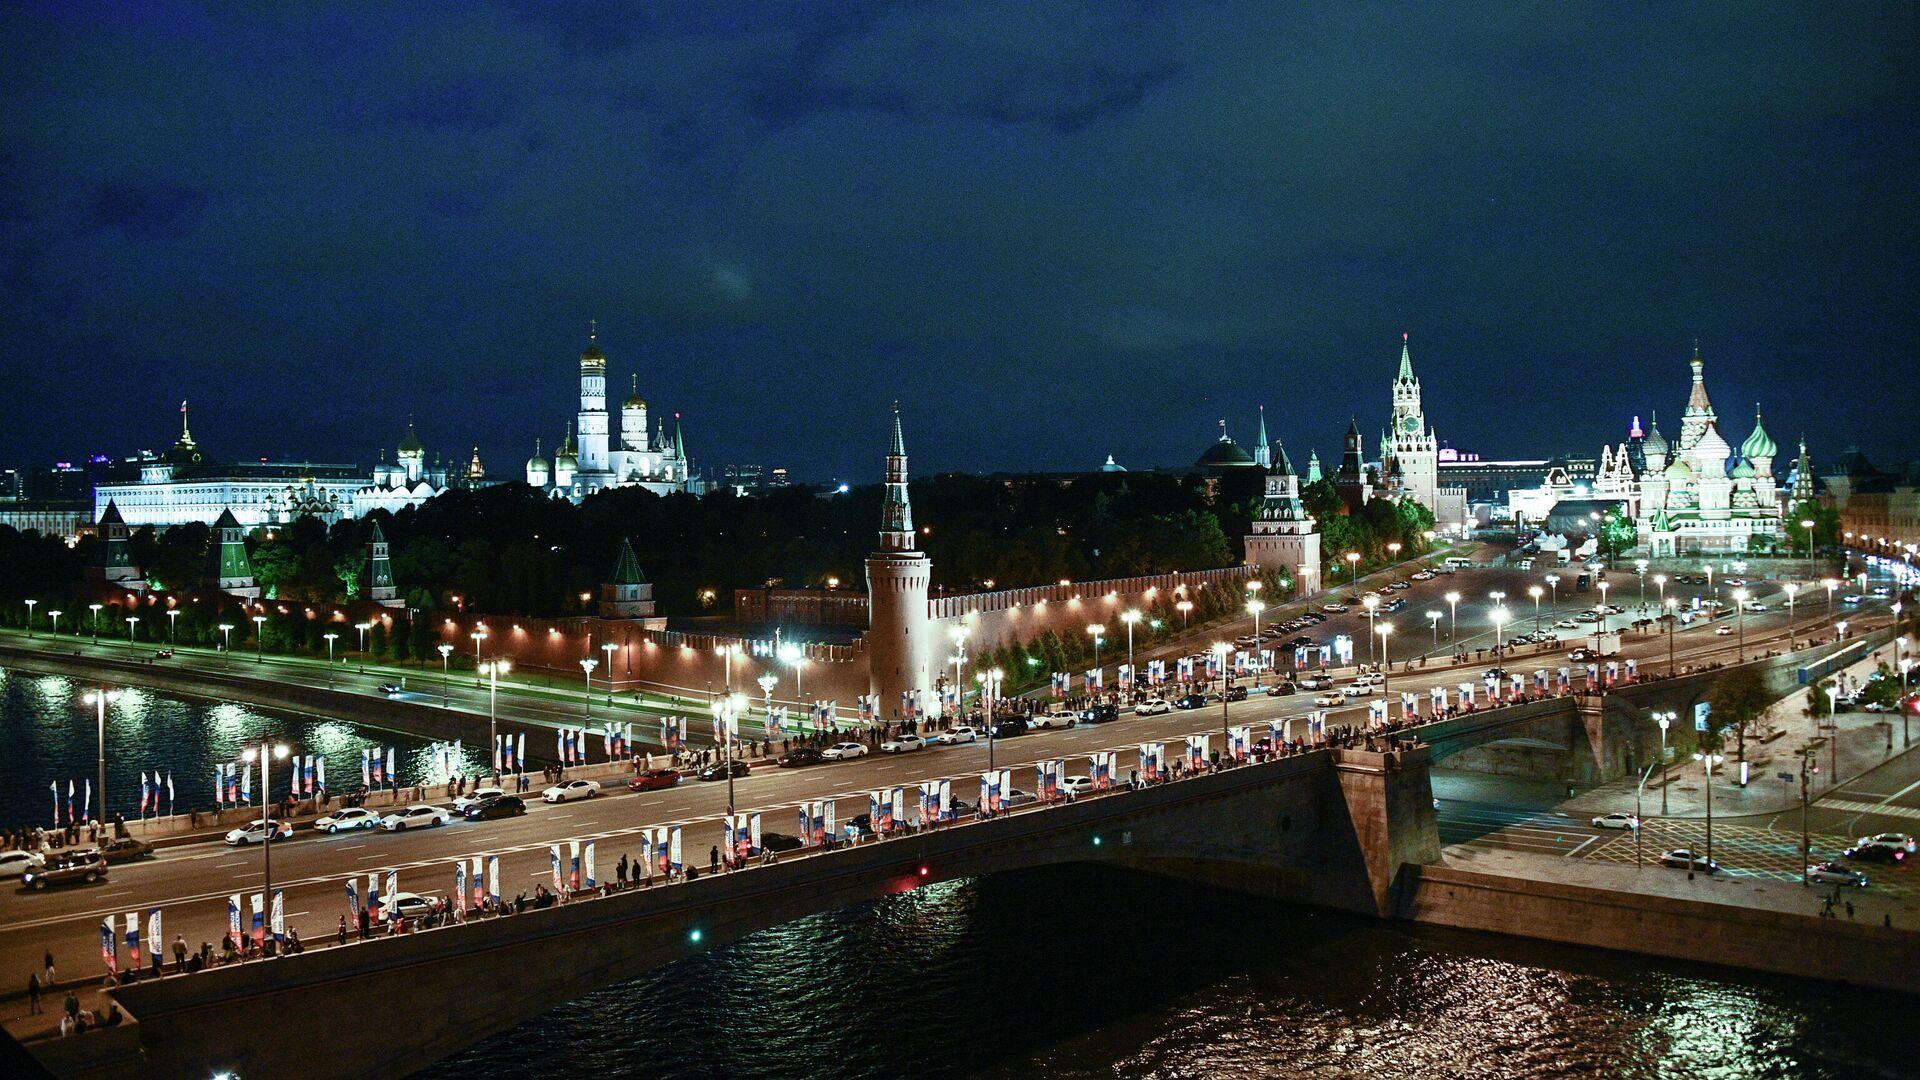 Вид на Кремль и Большой Москворецкий мост в Москве - РИА Новости, 1920, 10.04.2021